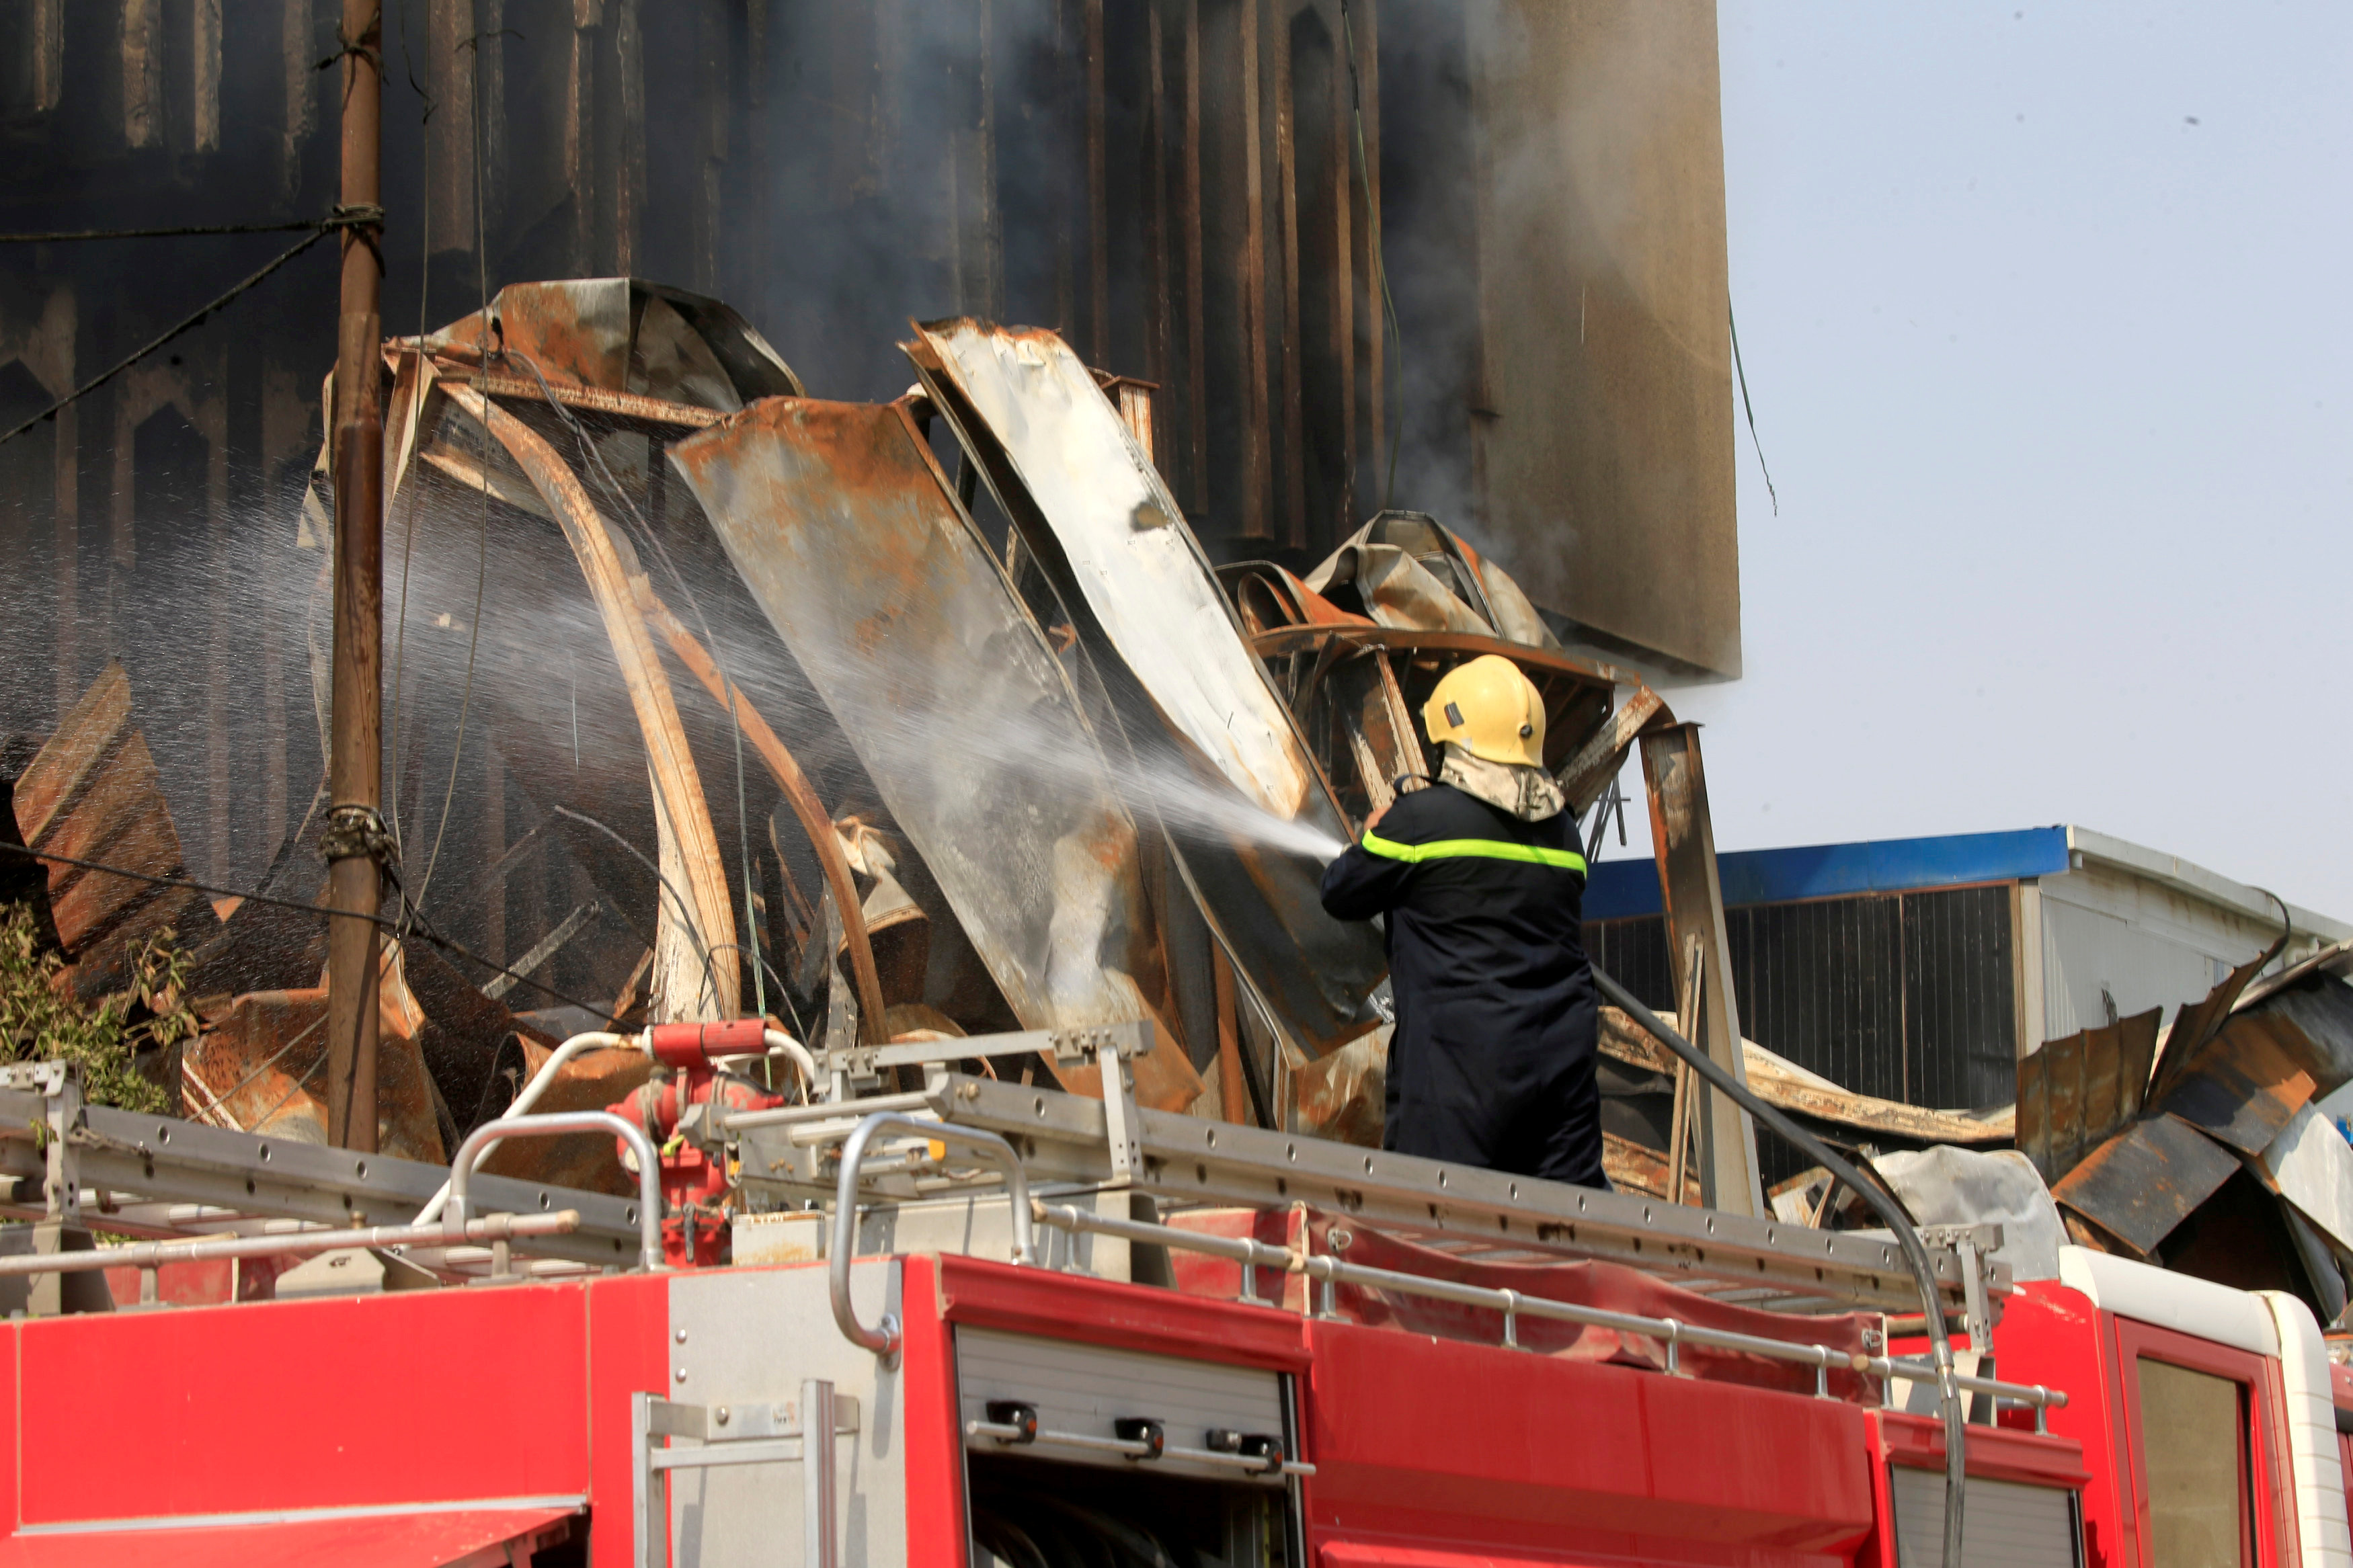 رجال الحماية المدنية تسيطر على حريق احد المبانى الحكومية